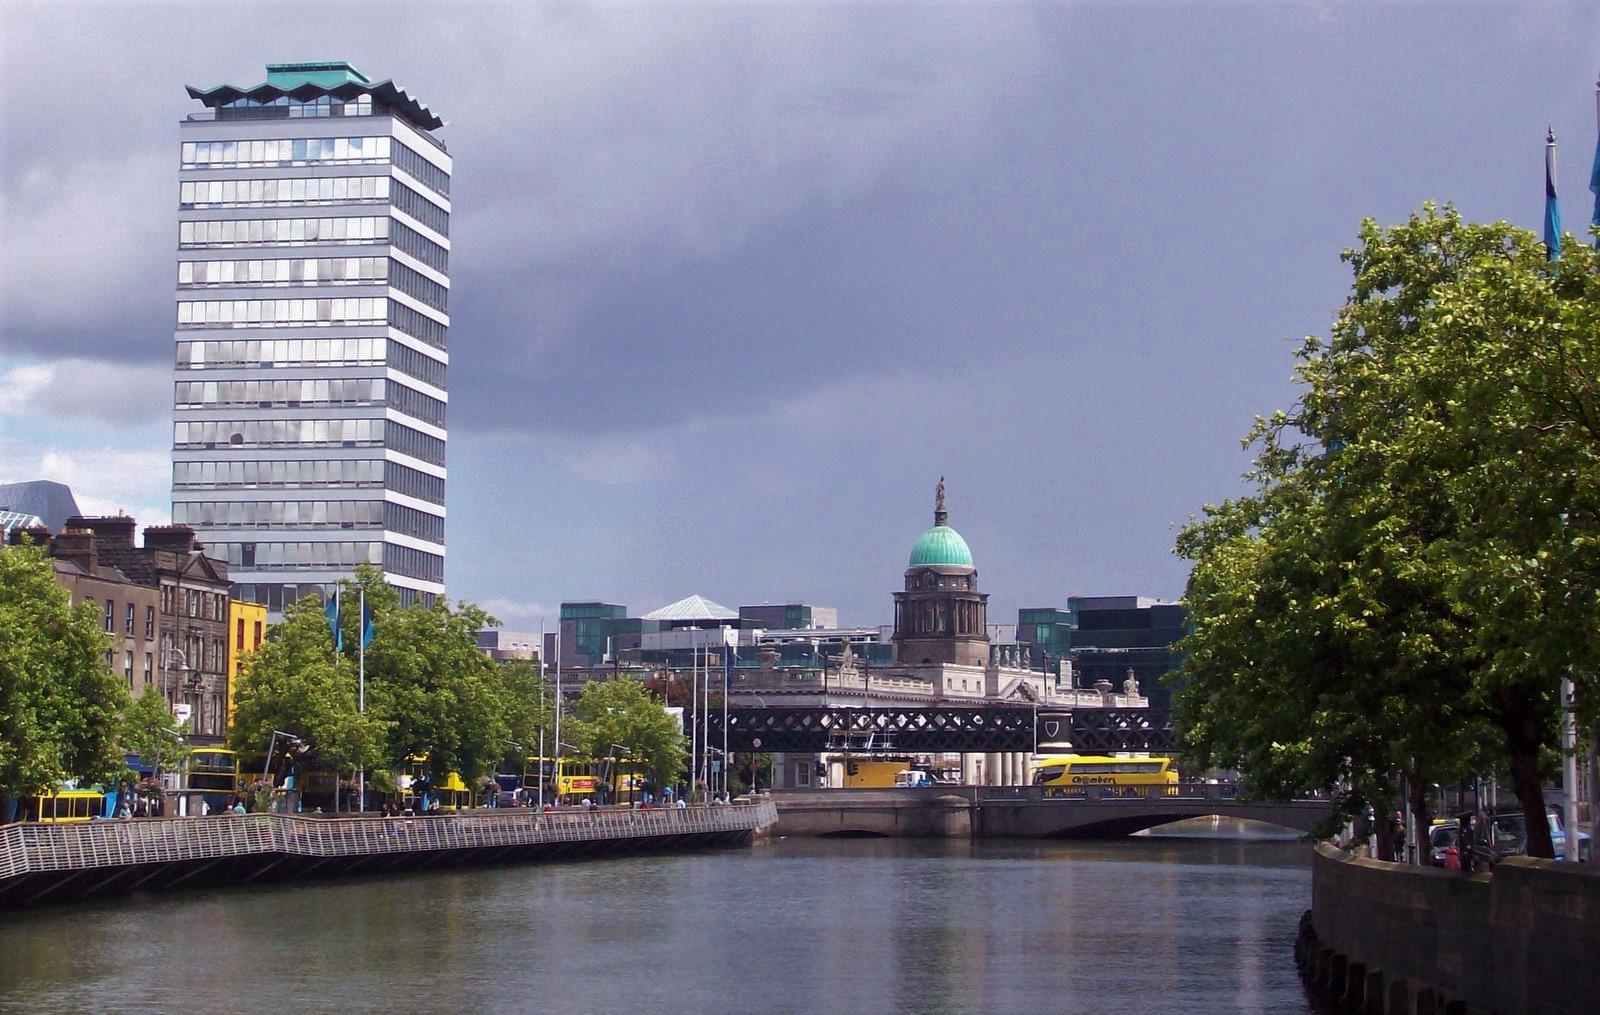 Am Liffey - Dublins Fluss